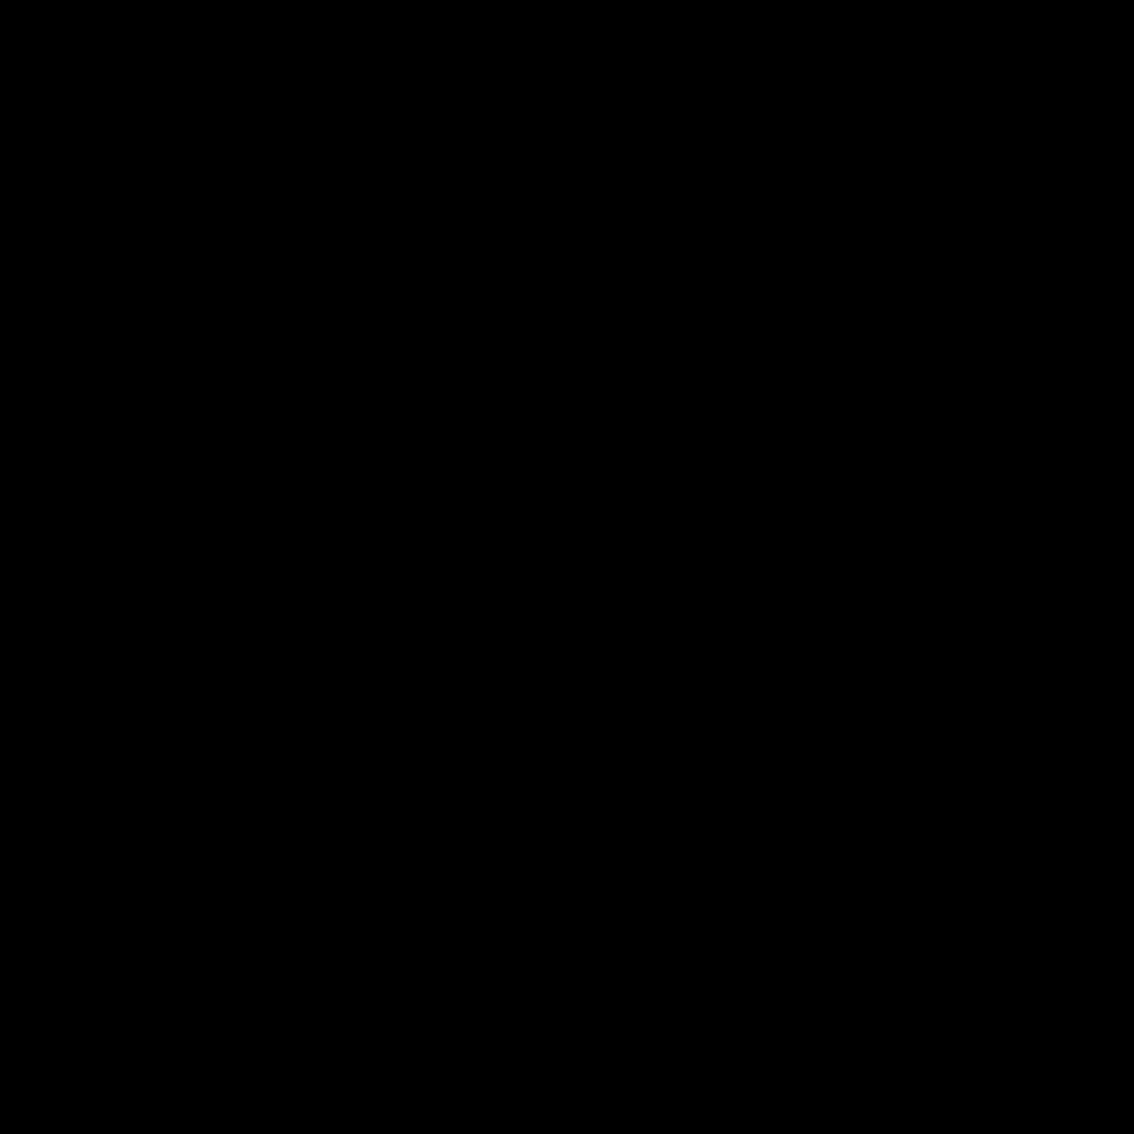 11_virna-lisi-retrato